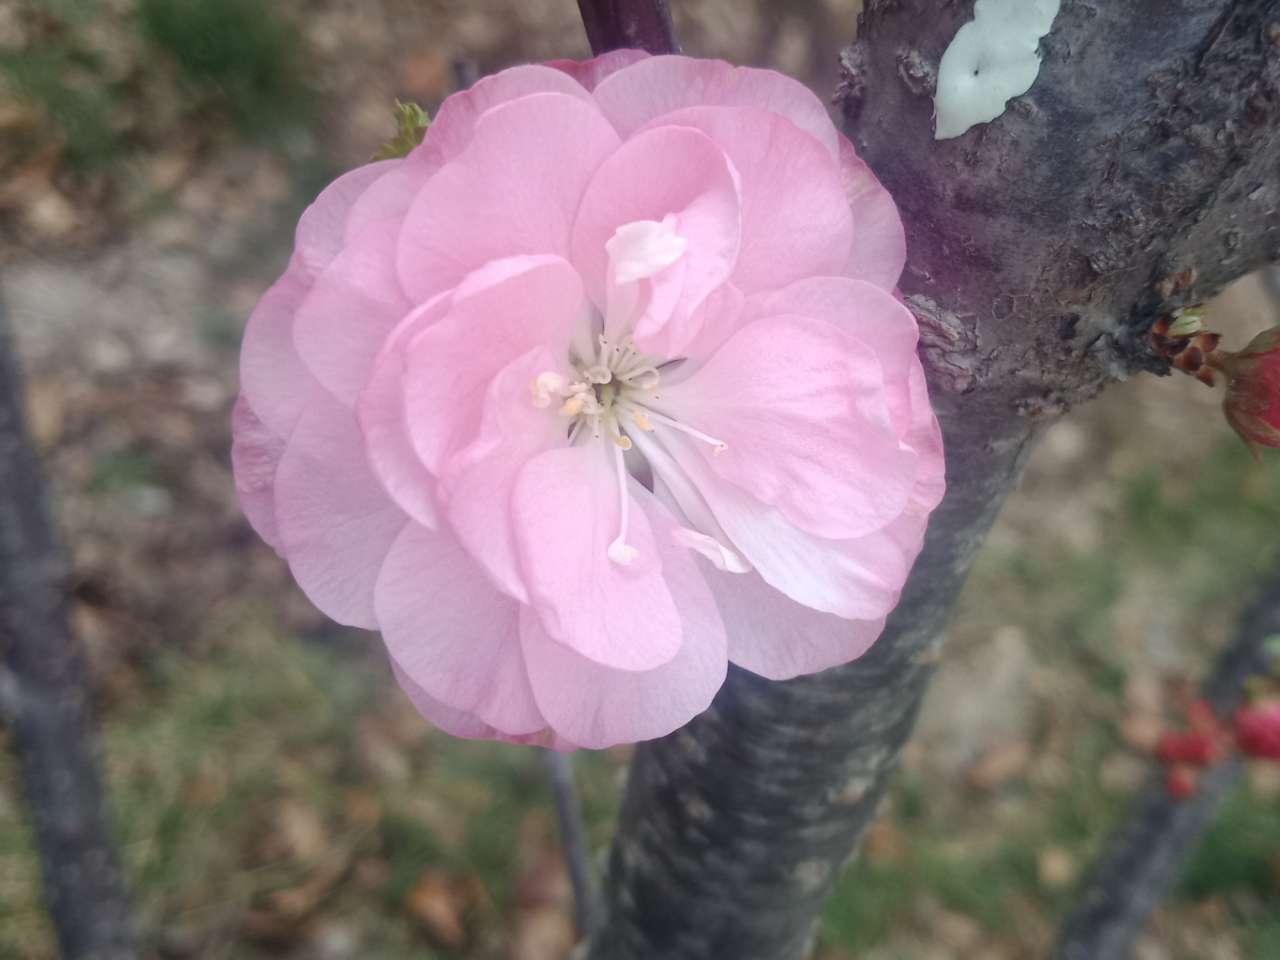 暗背景纯背景,亮花,占据画面突出位置,清晰,拍花的秘诀-29.jpg